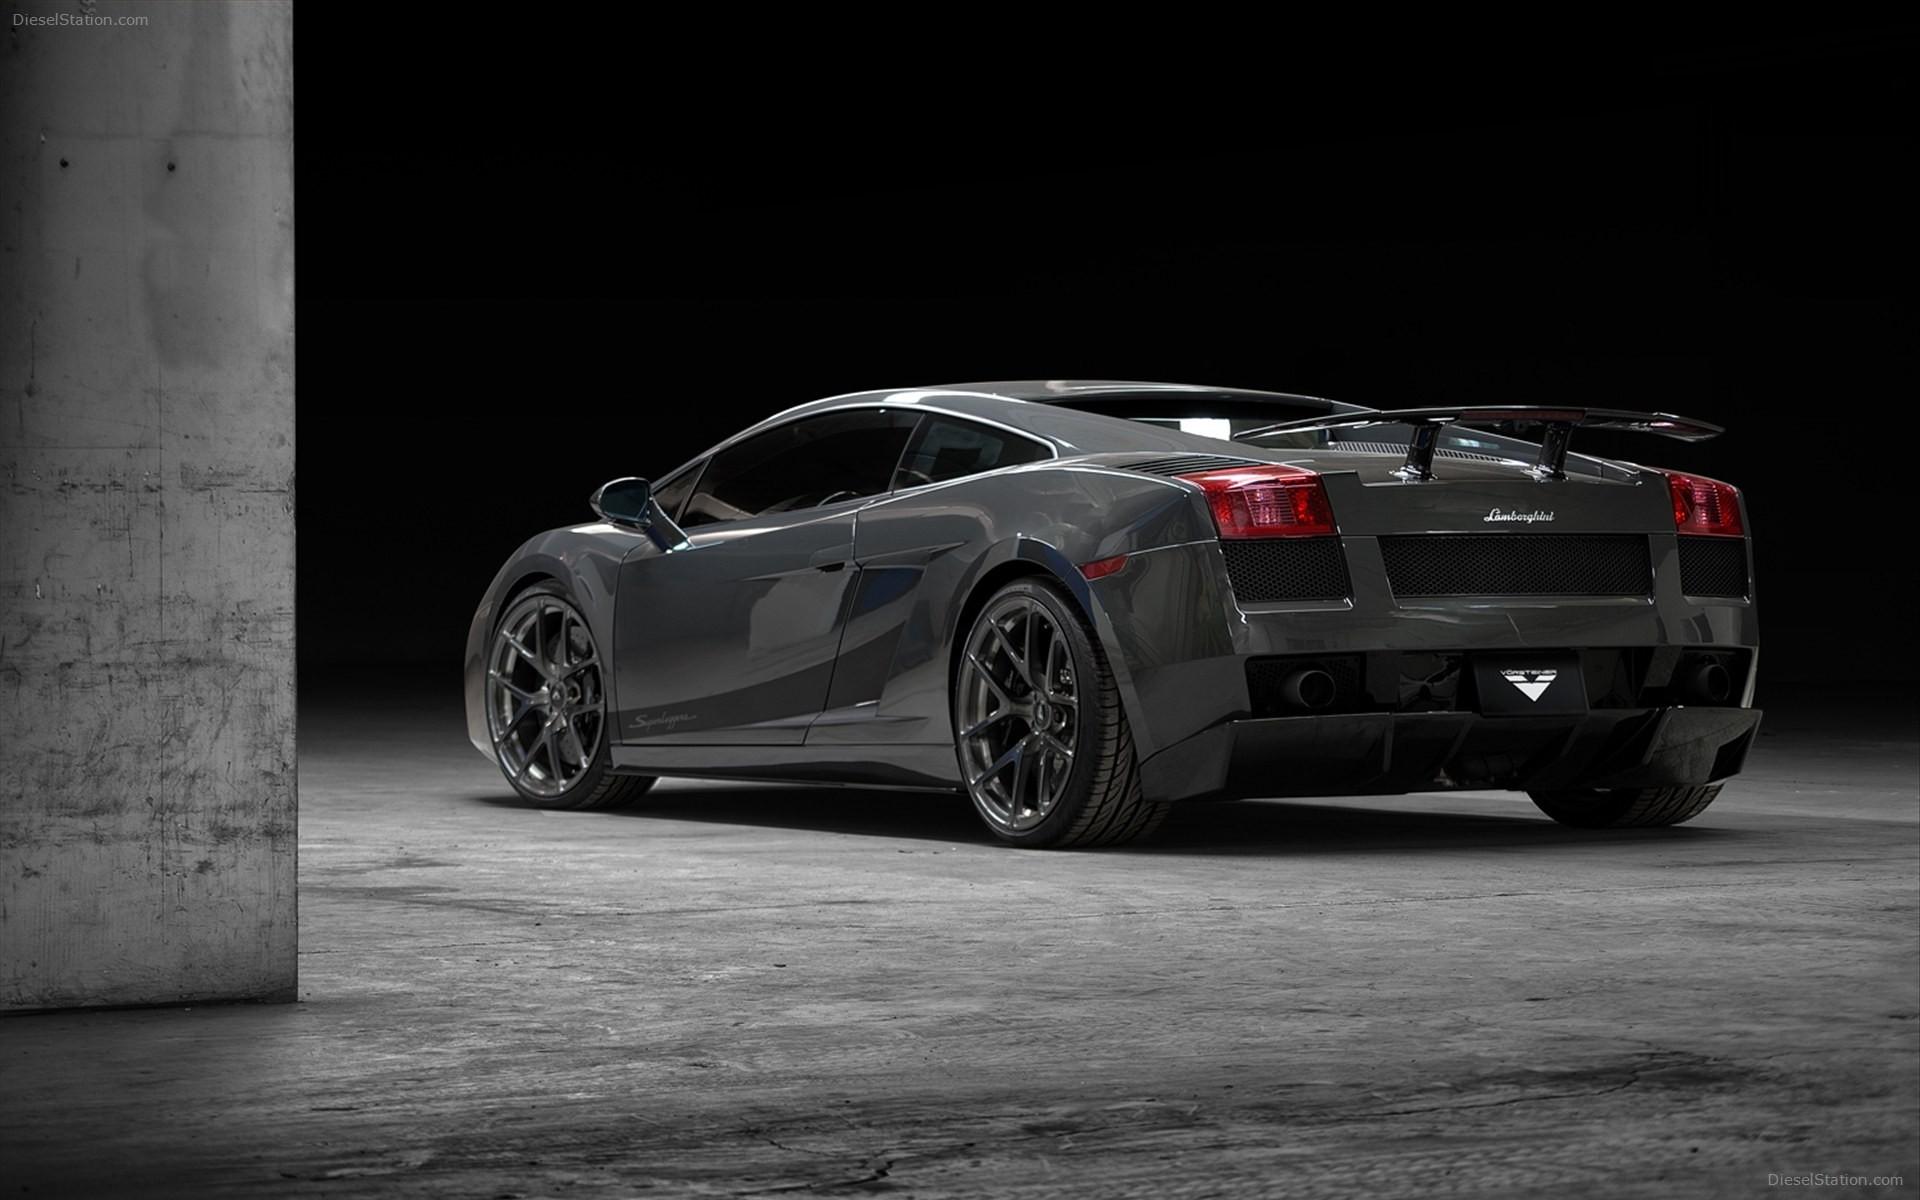 45459 скачать обои Транспорт, Машины, Ламборджини (Lamborghini) - заставки и картинки бесплатно